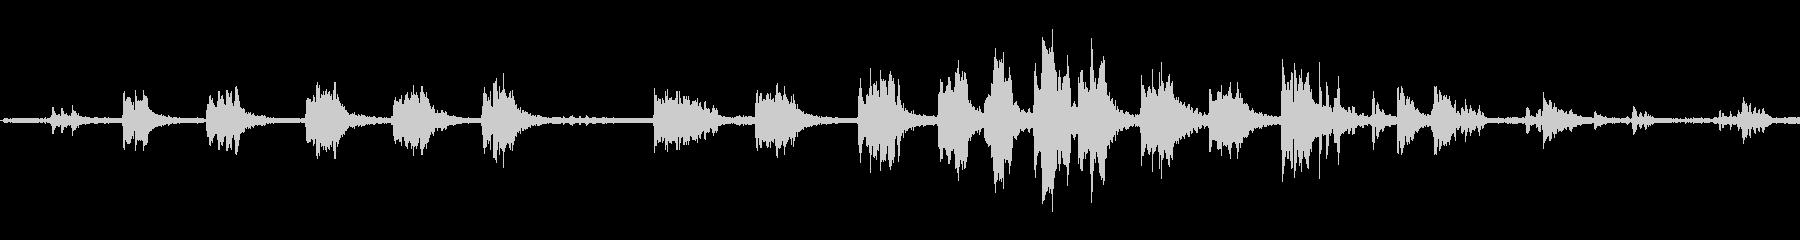 グレイグースランディング、鳥; D...の未再生の波形